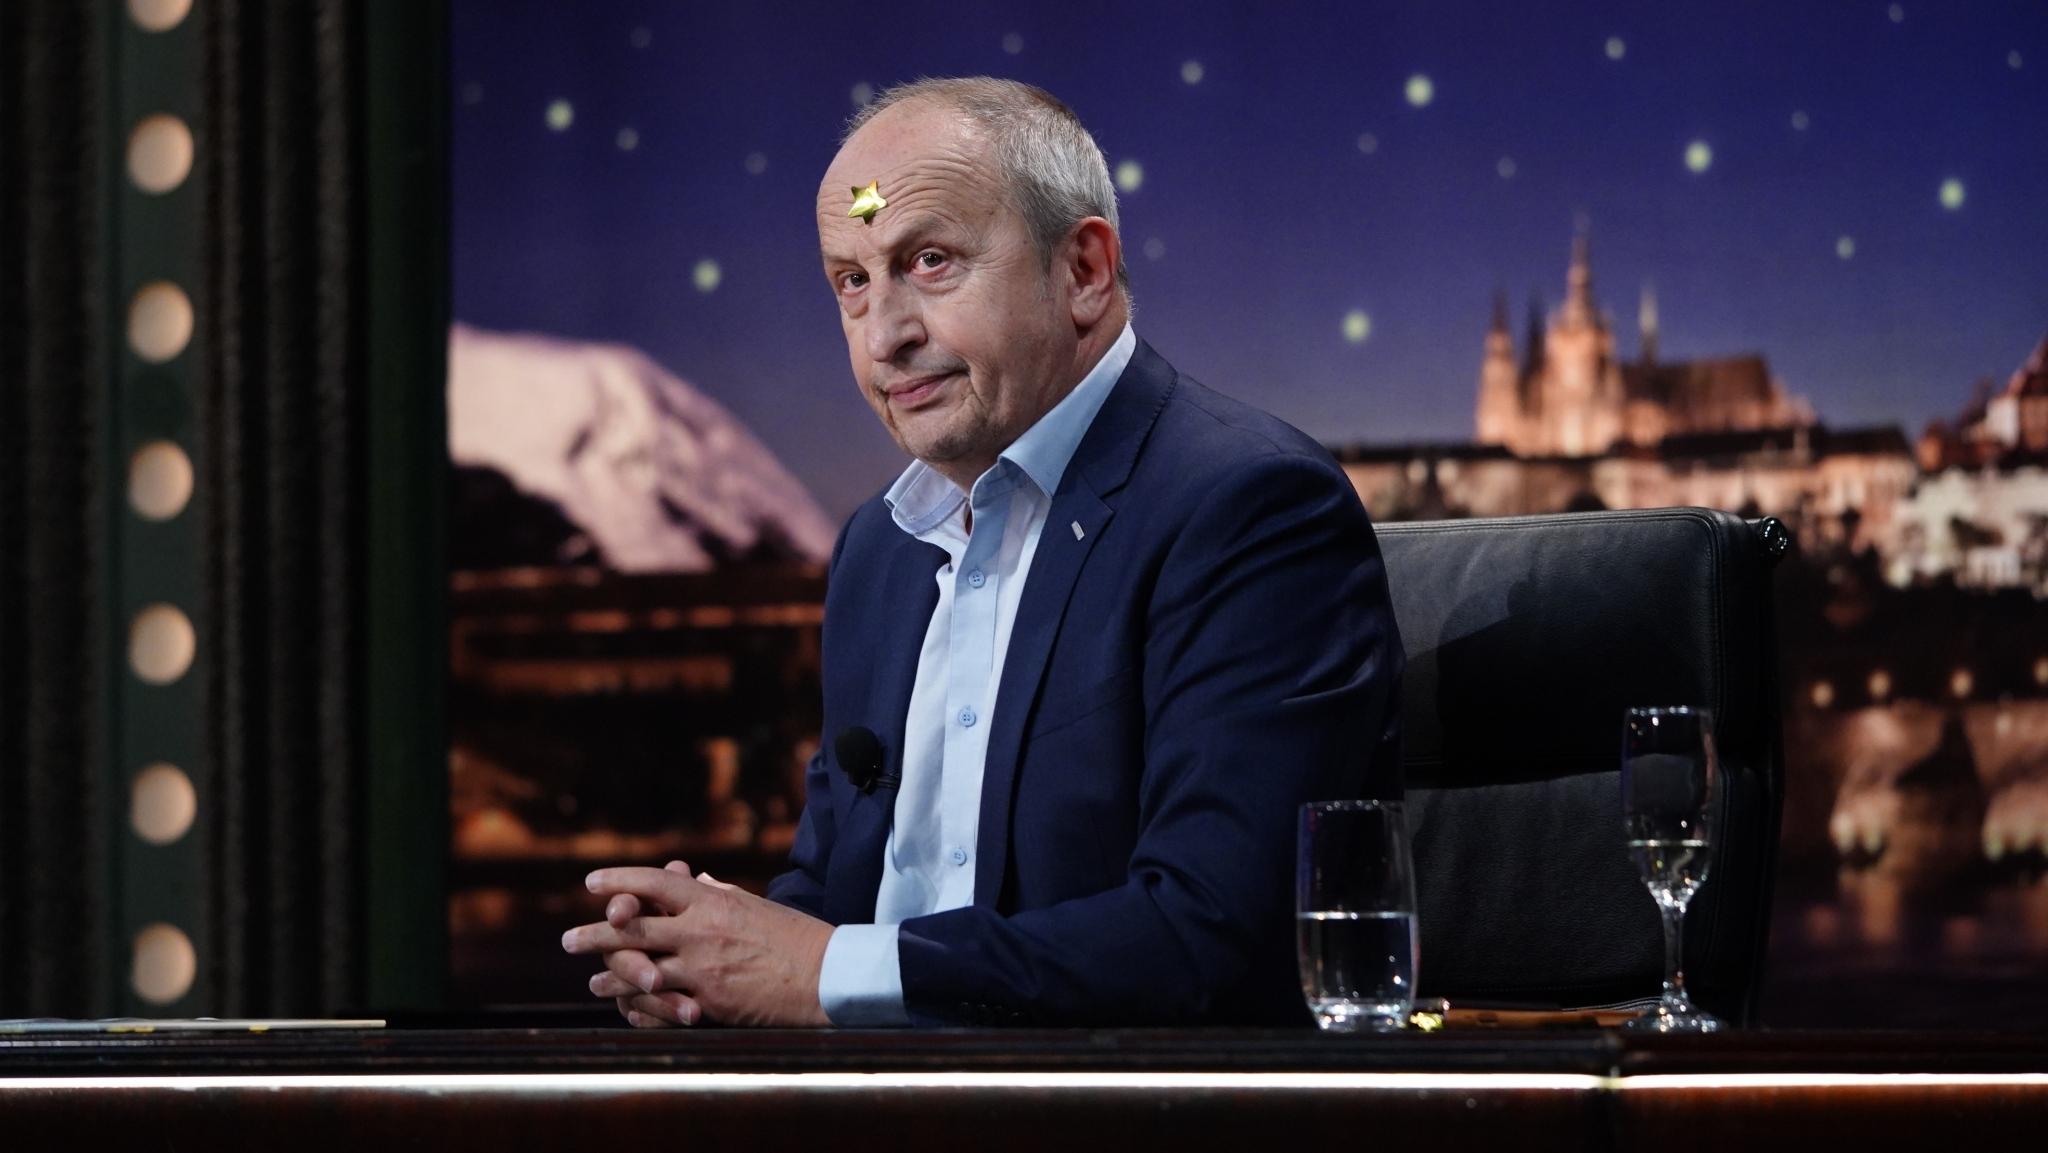 Moderátor se zlatou hvězdou na čele, Jan Kraus, 31. díl — 7. 10. 2020